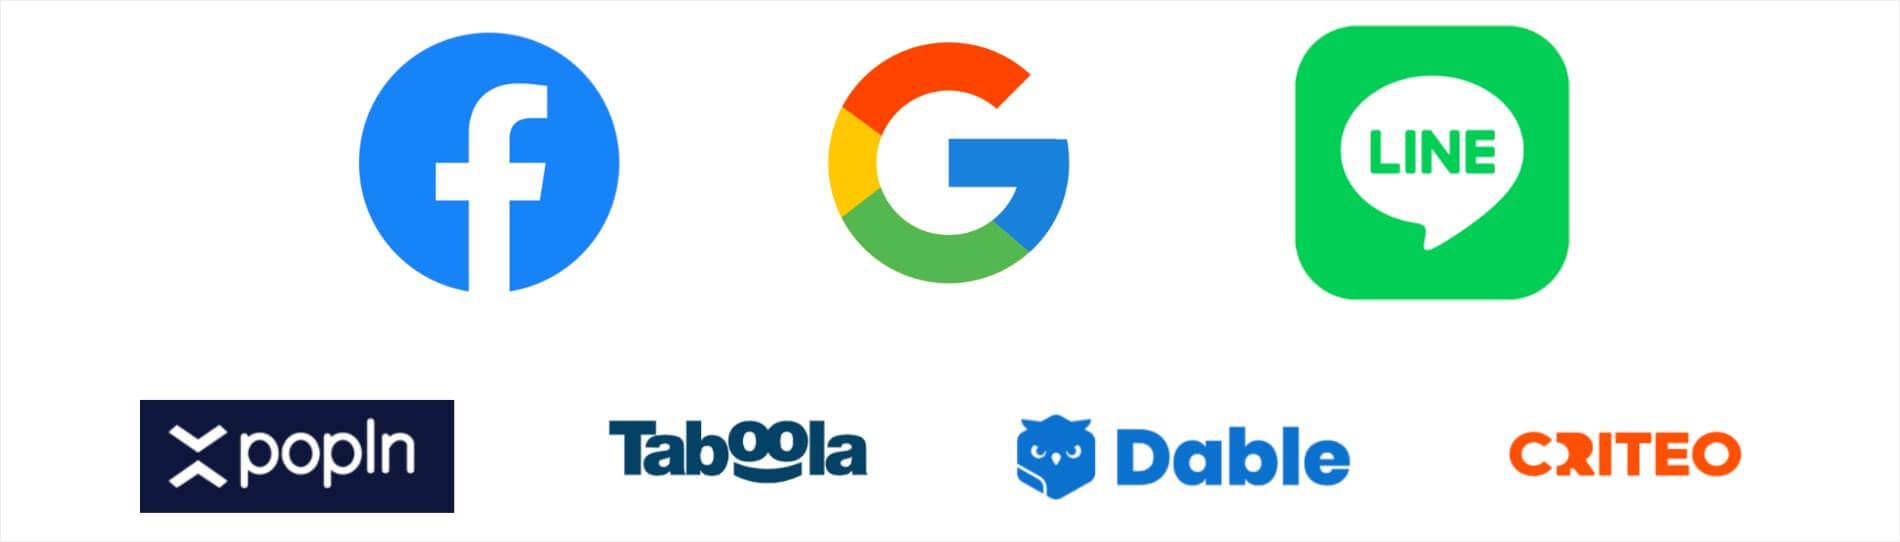 Web運用型広告